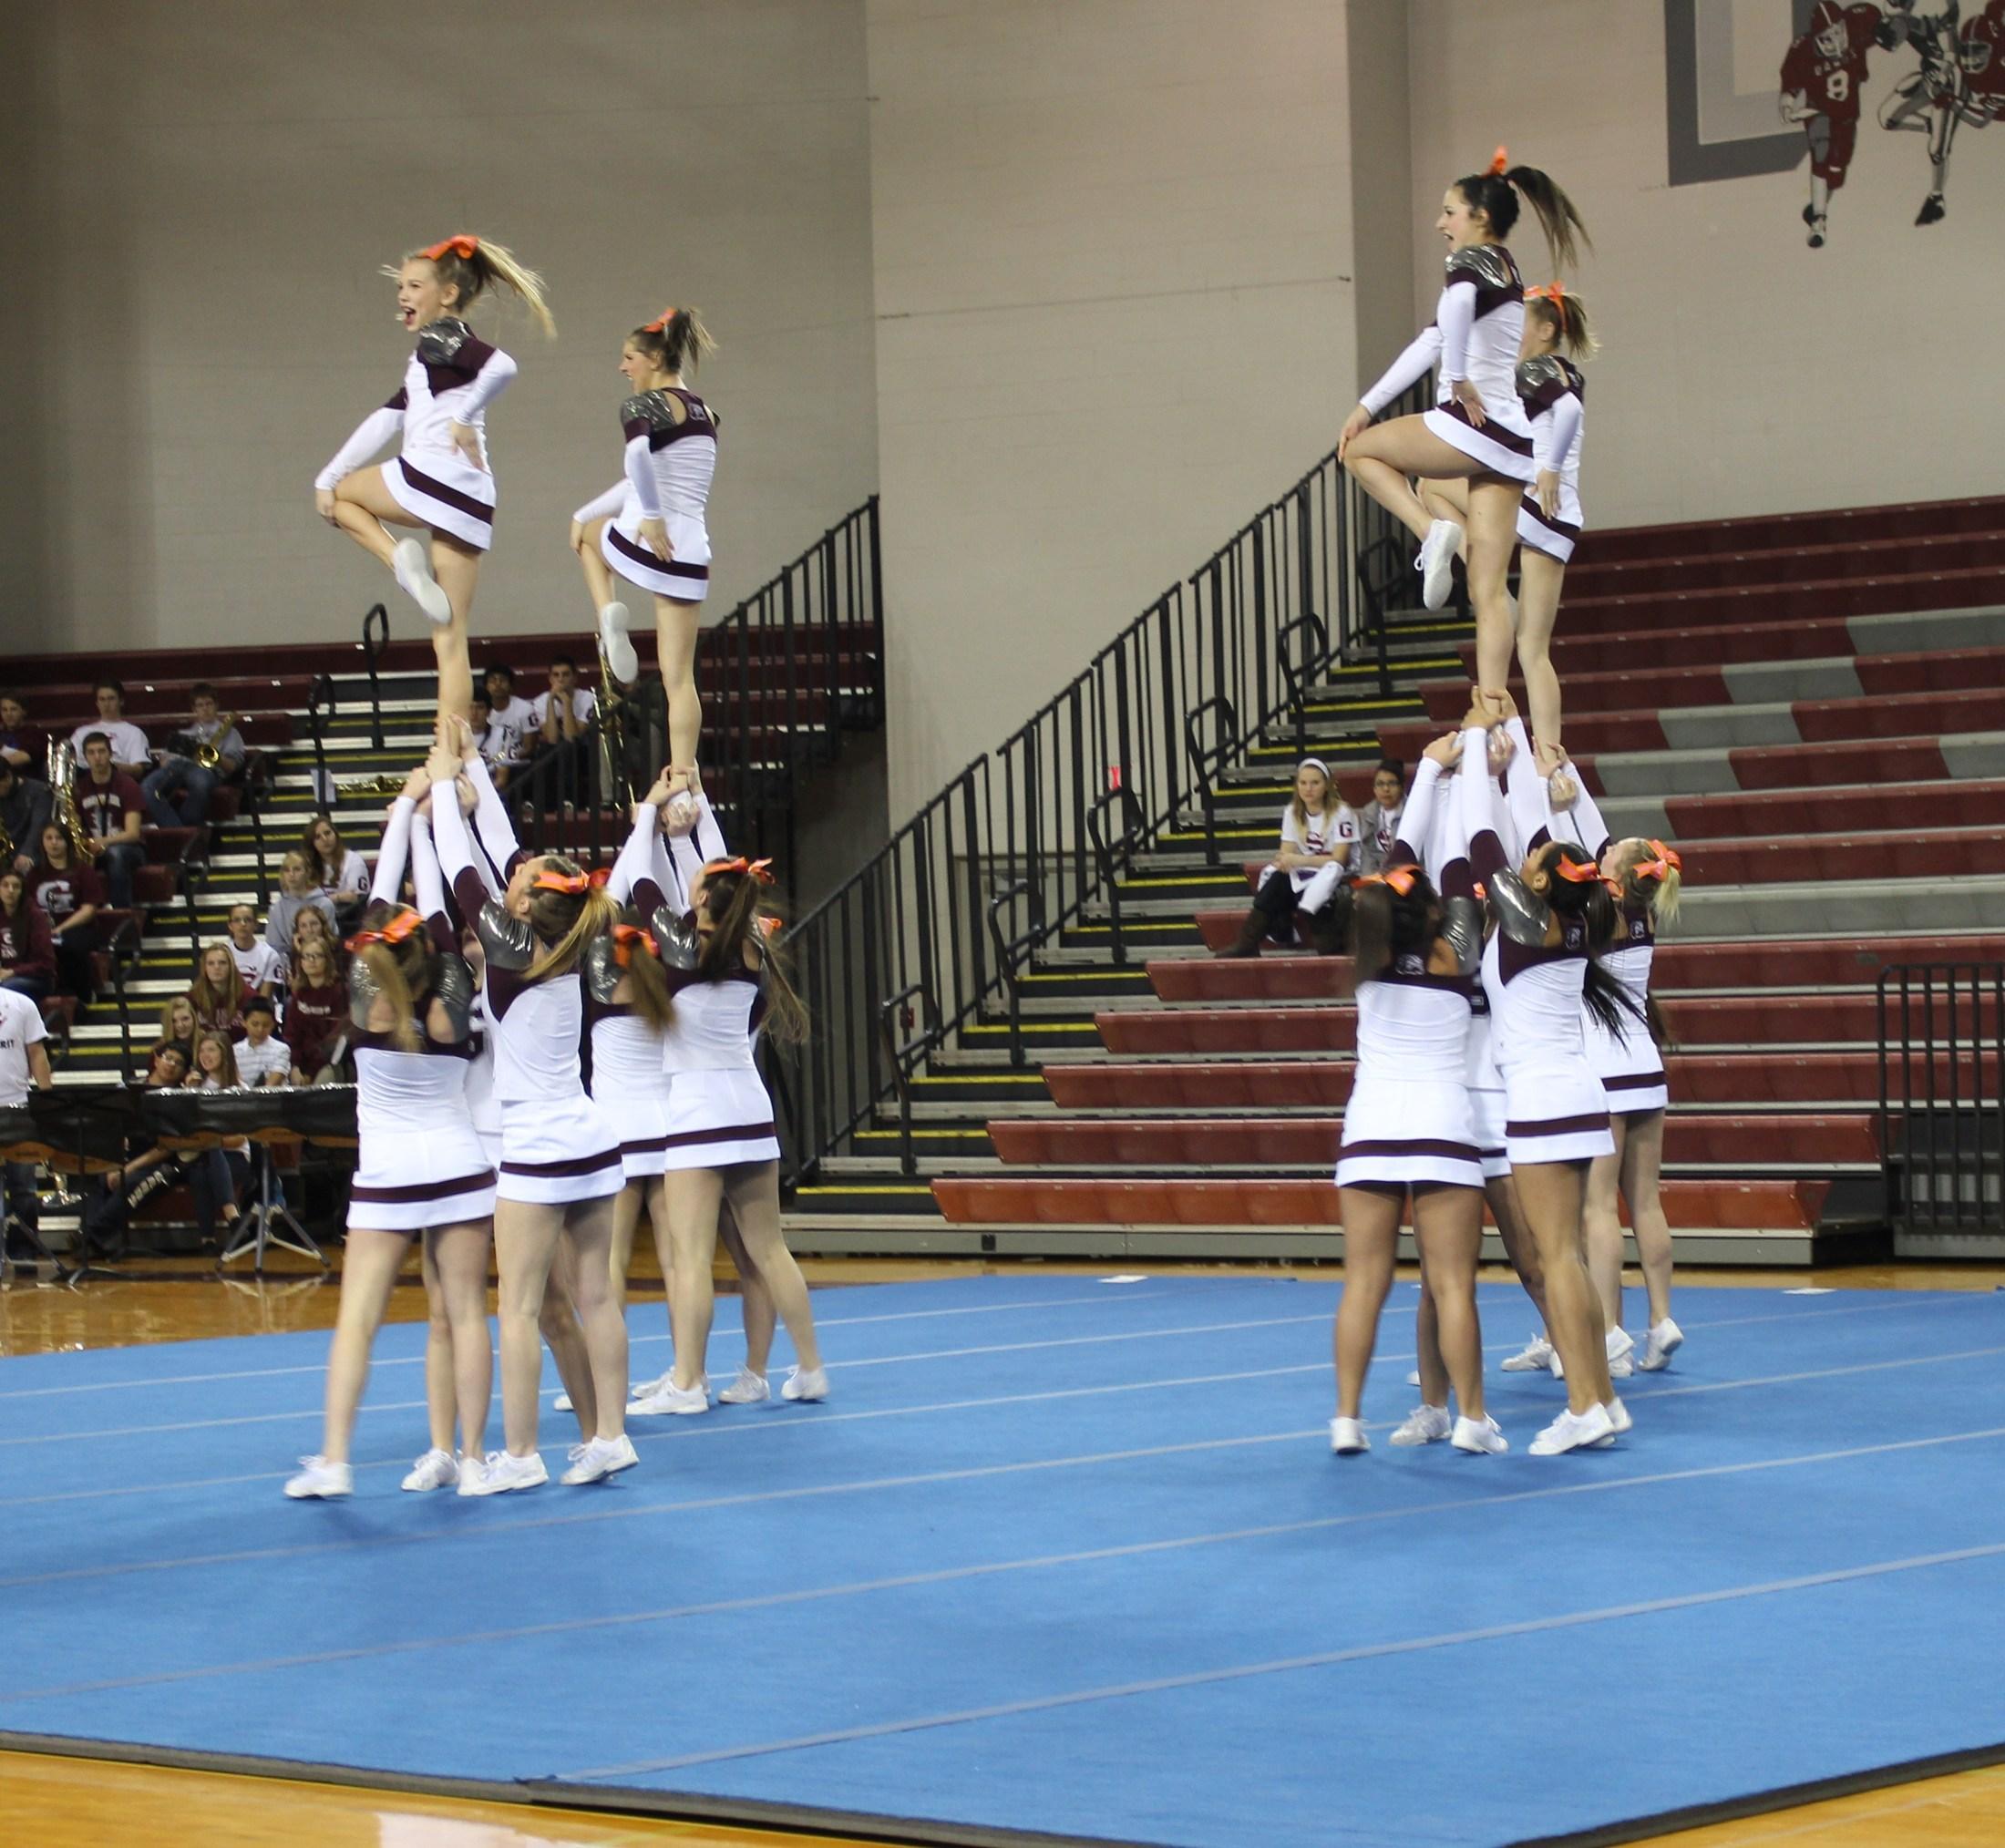 cheerleaders in mount